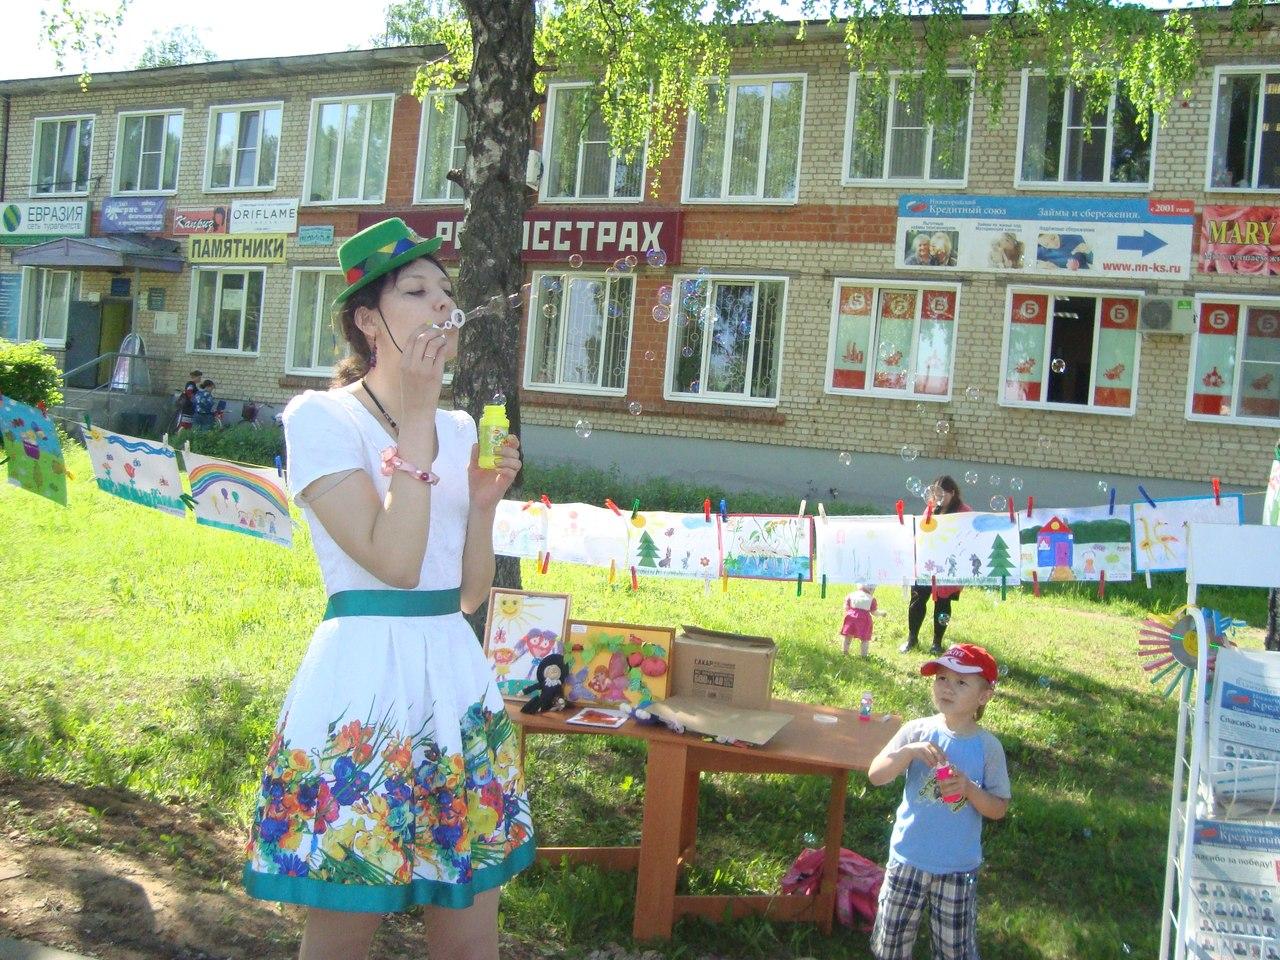 Моя знакомая из Лысково заметила вот такую движуху на улице!